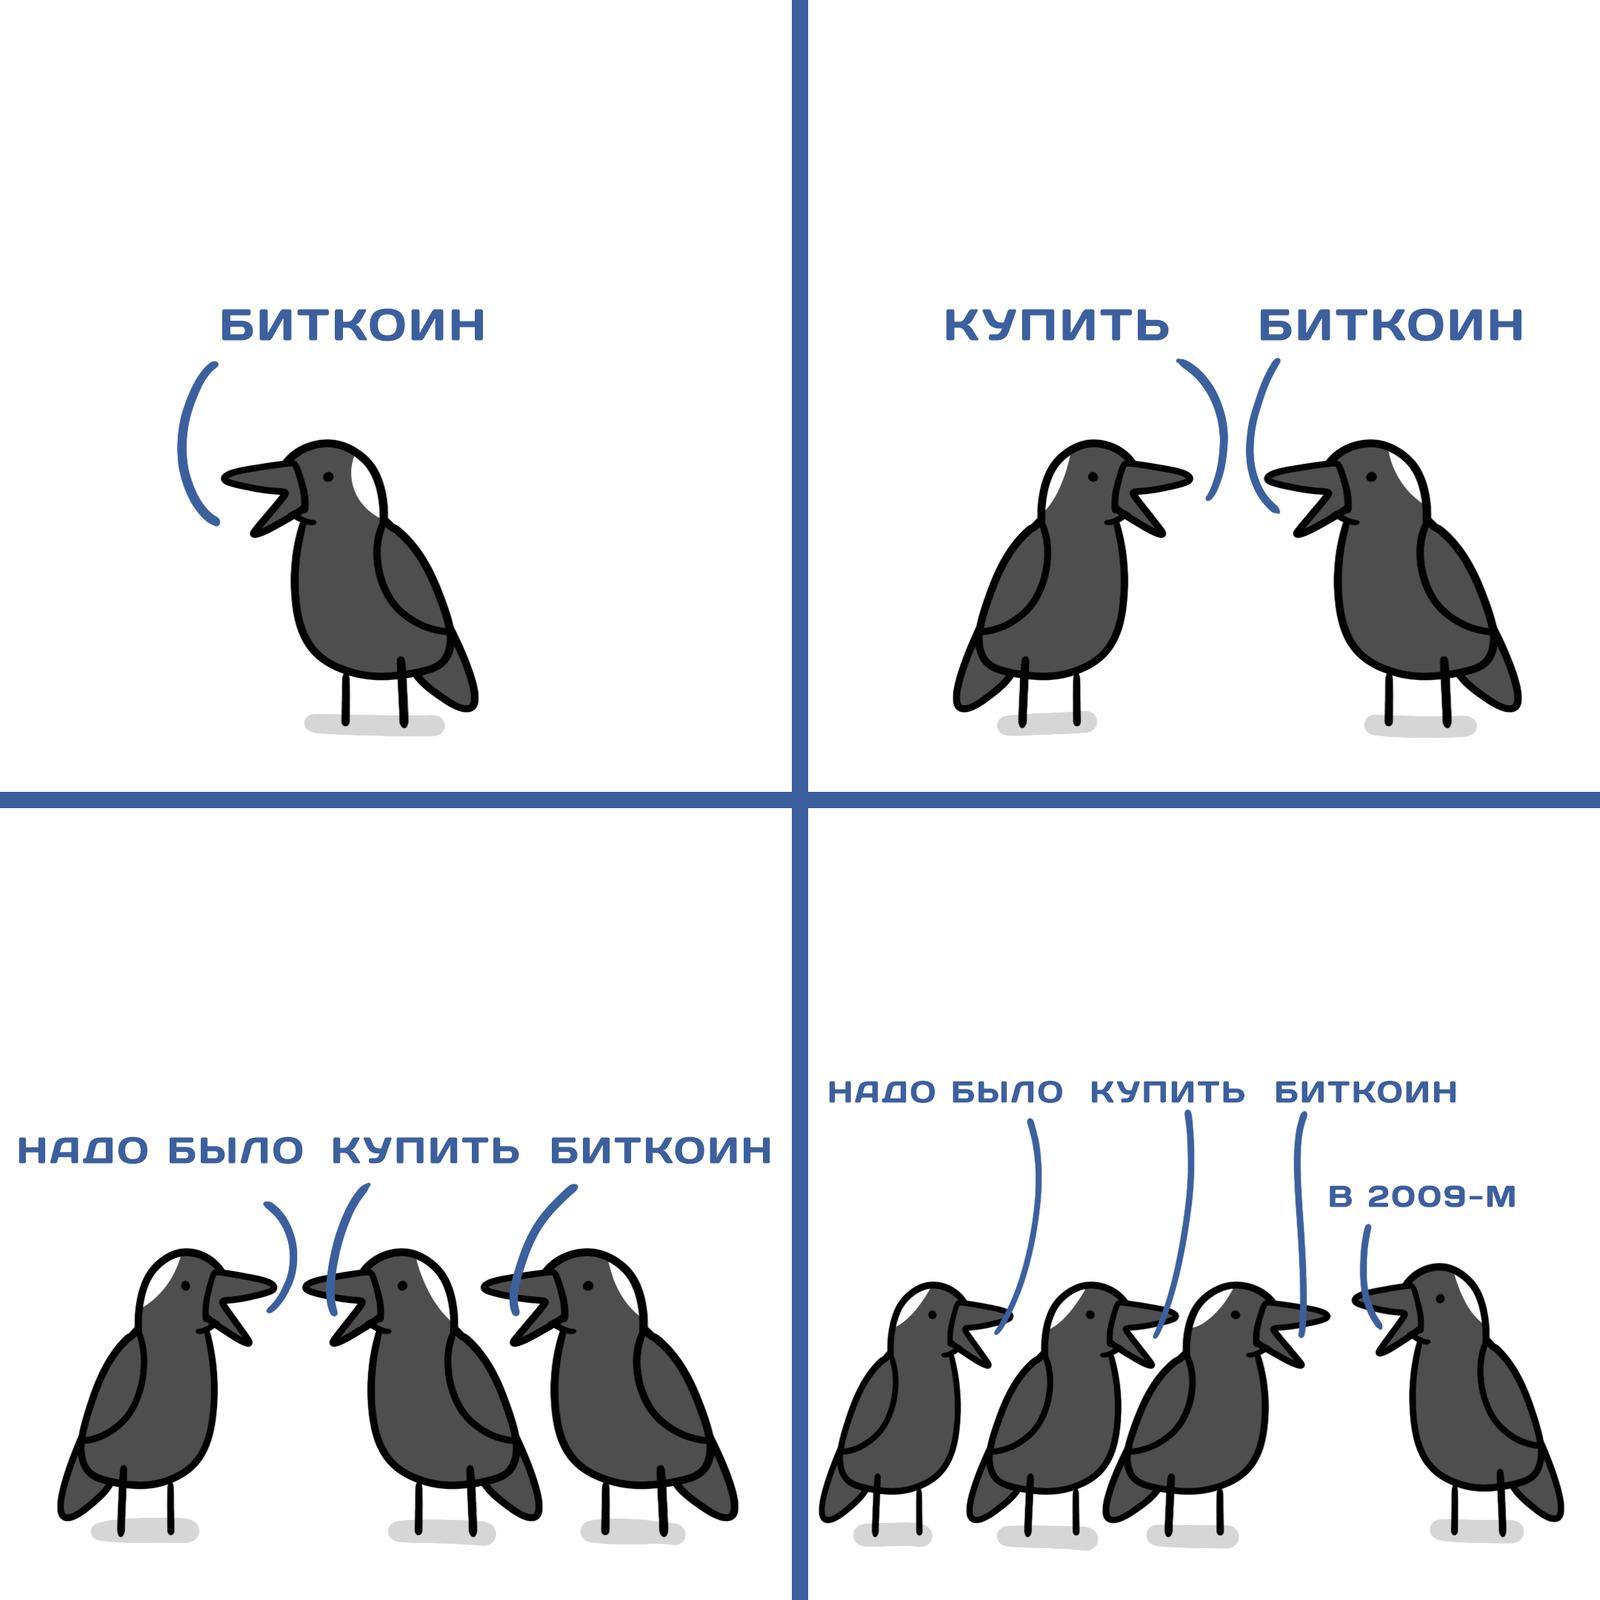 Исследования ворон-свистунов показали, что чем больше коллектив животных, тем в среднем умнее его члены